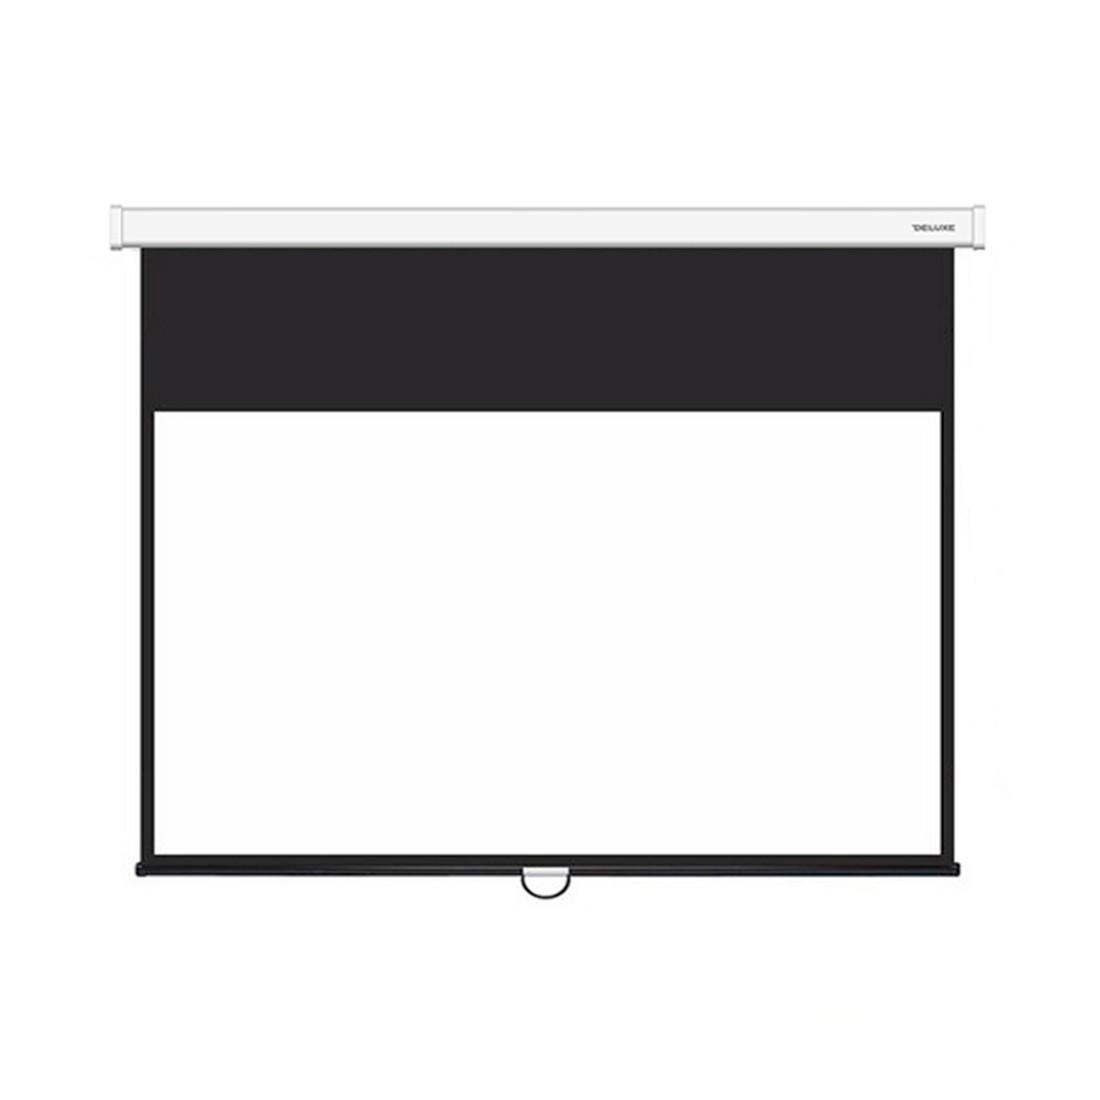 Экран механический, Deluxe DLS-M265x149W Настенный/потолочный